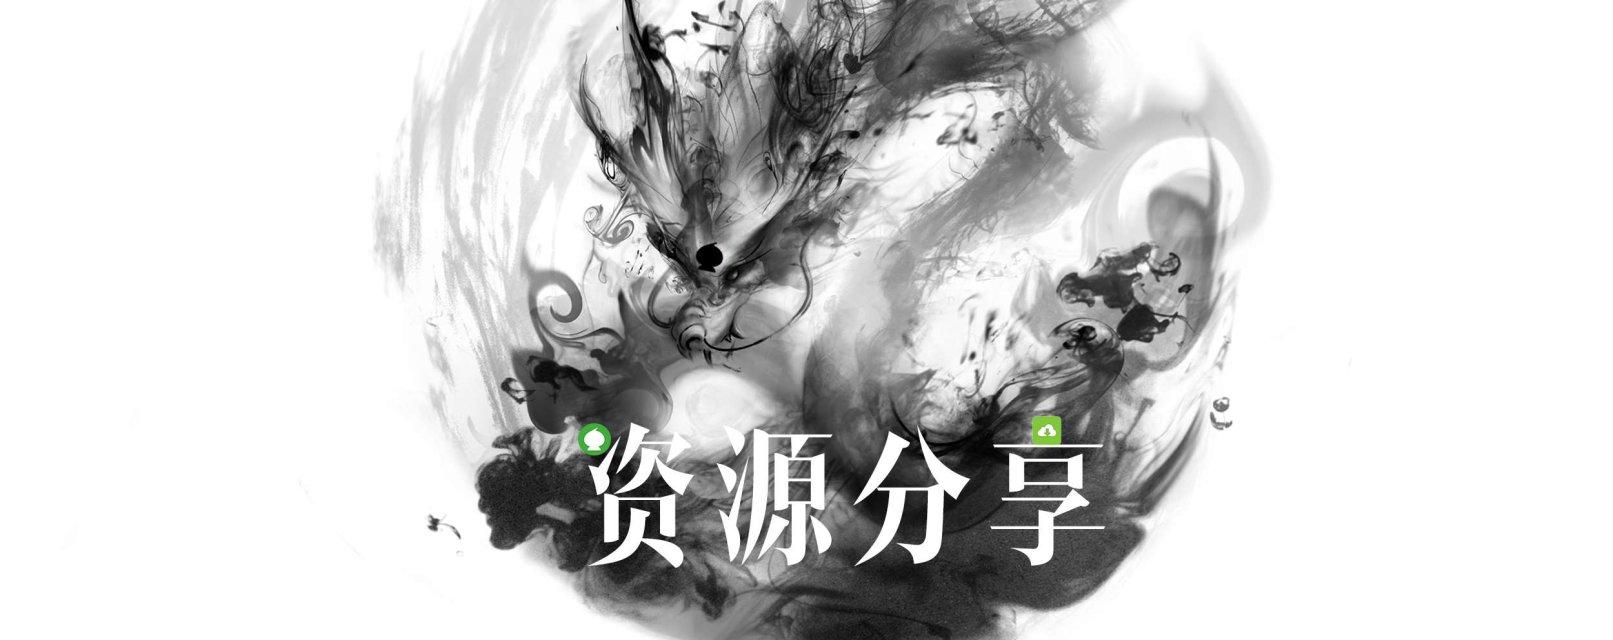 【资源分享】樱花动漫社